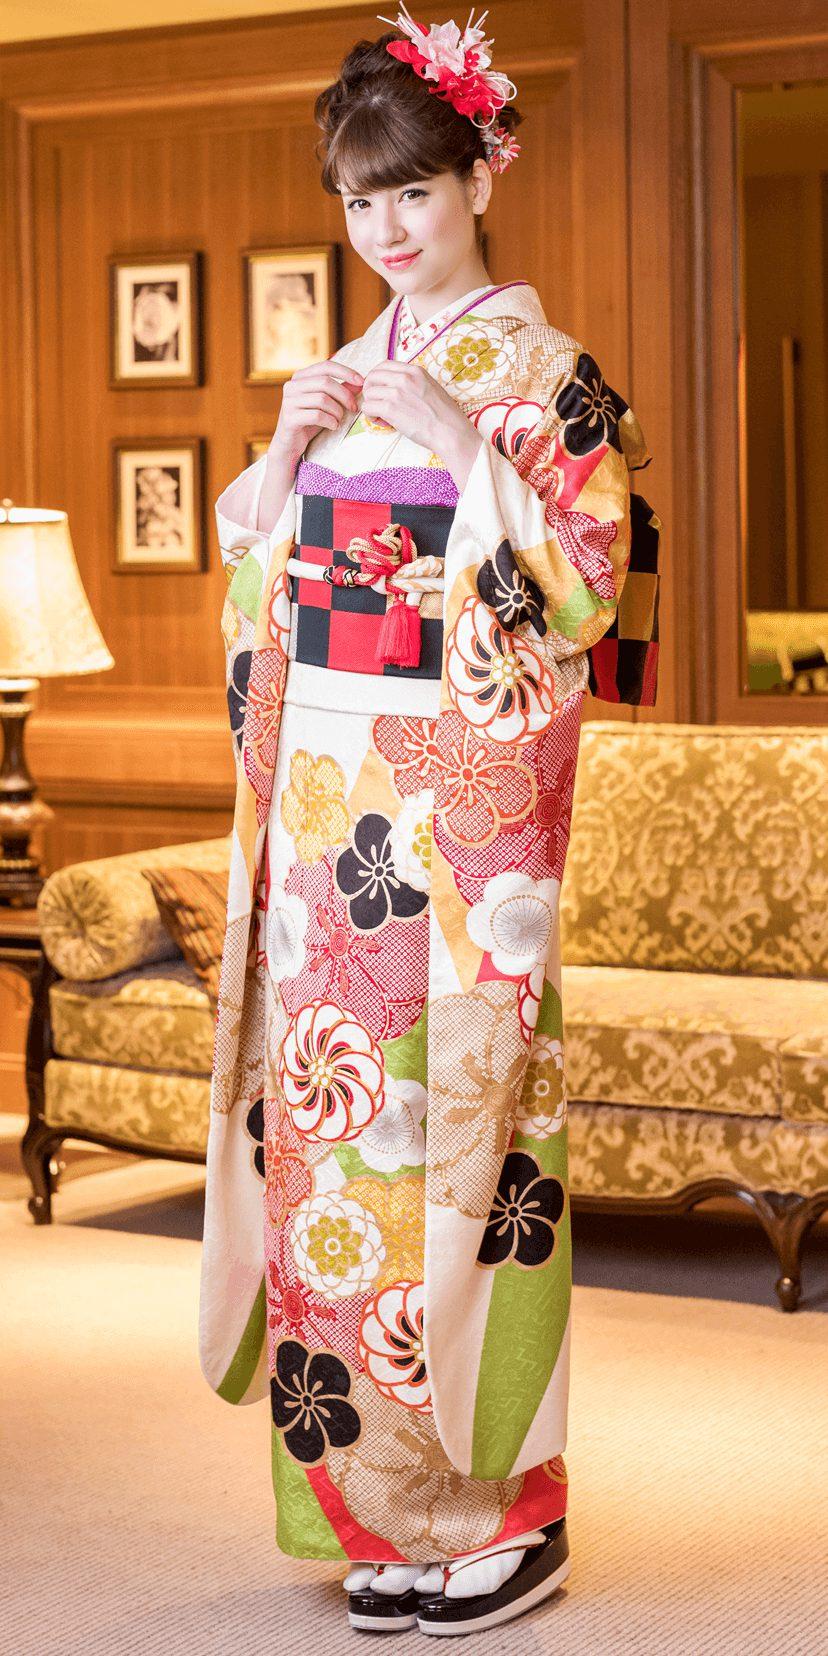 クリーム地大菊桜[FFR758]